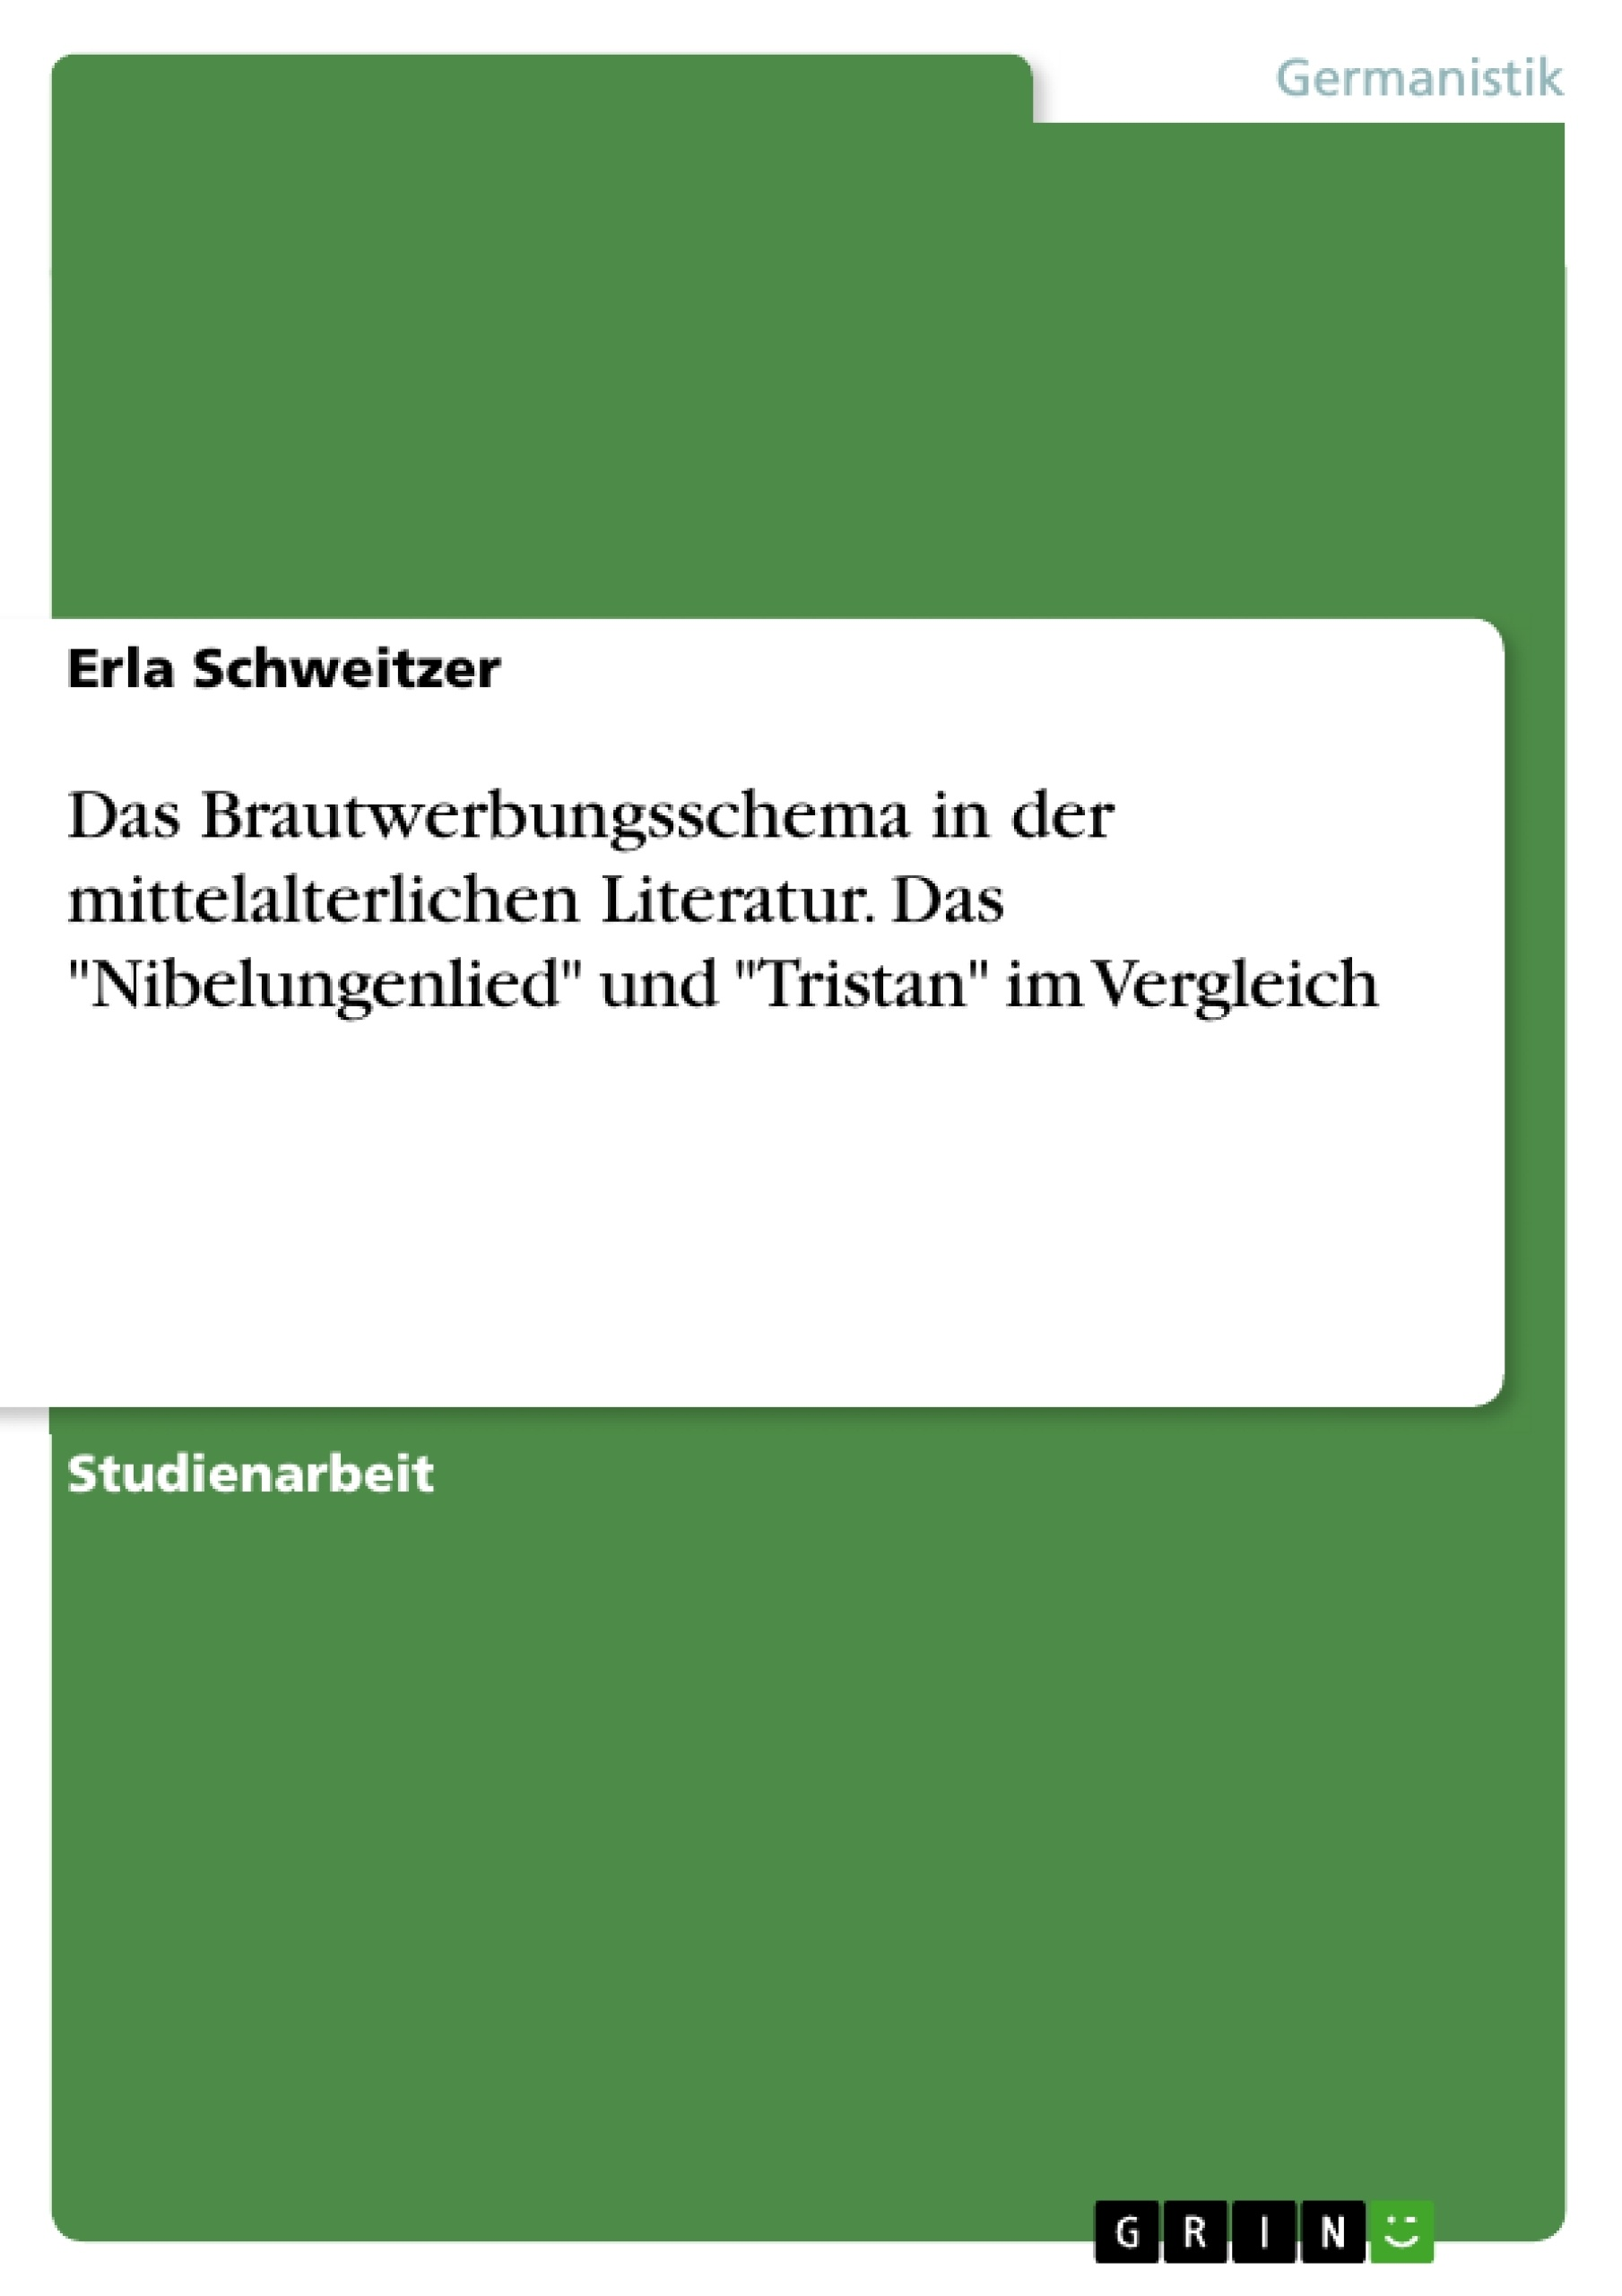 """Titel: Das Brautwerbungsschema in der mittelalterlichen Literatur. Das """"Nibelungenlied"""" und """"Tristan"""" im Vergleich"""